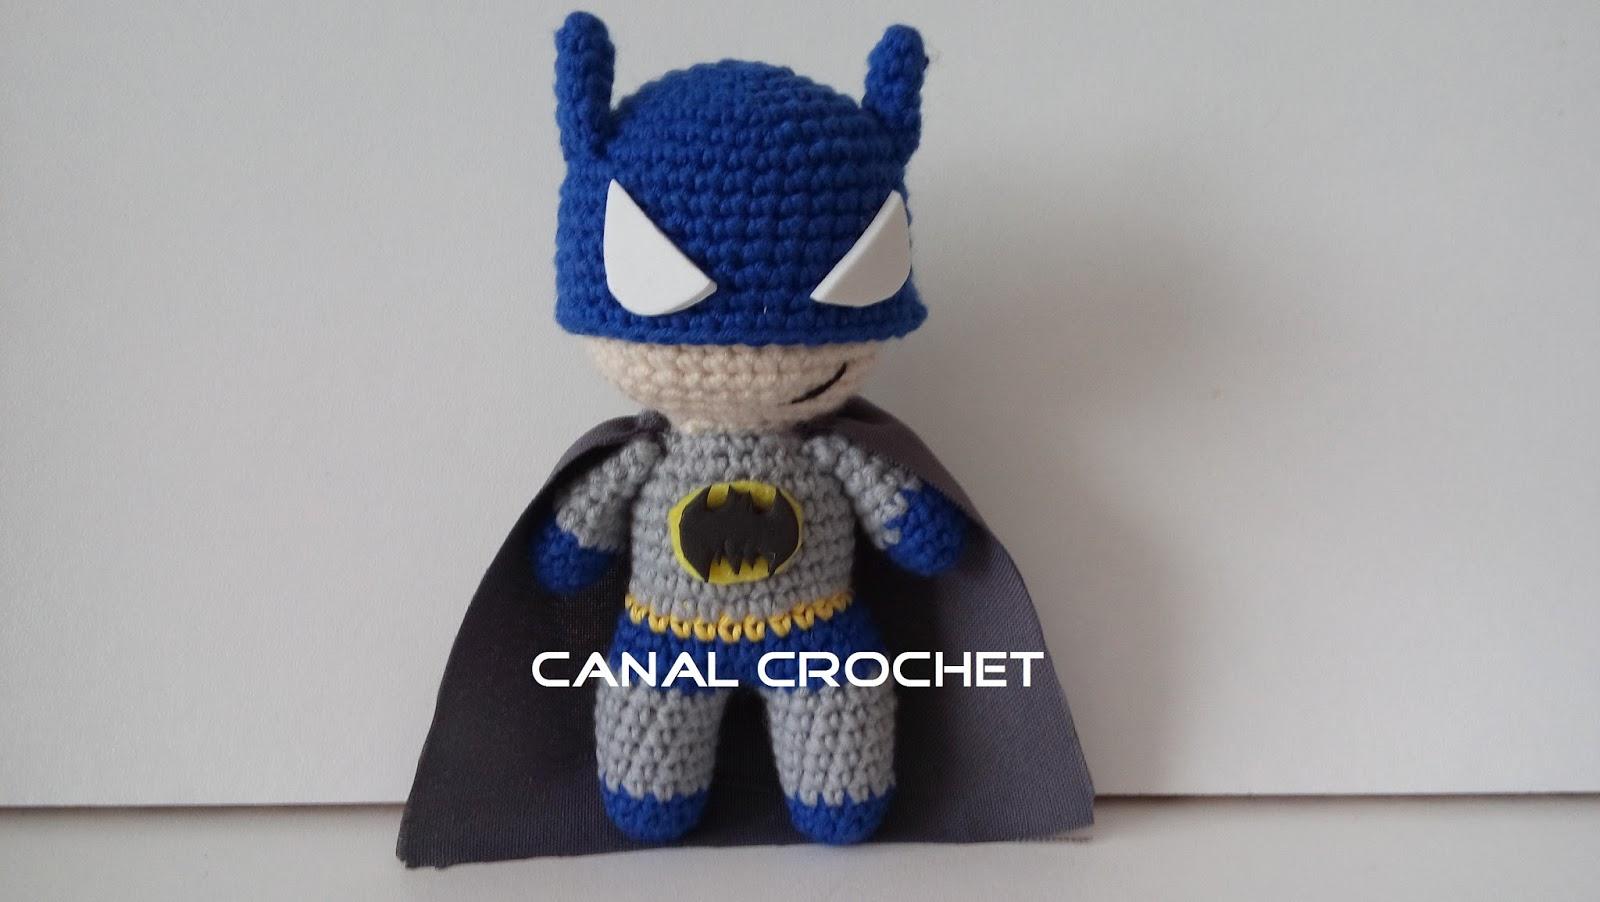 CANAL CROCHET: Super Heroes amigurumi patrón libre.